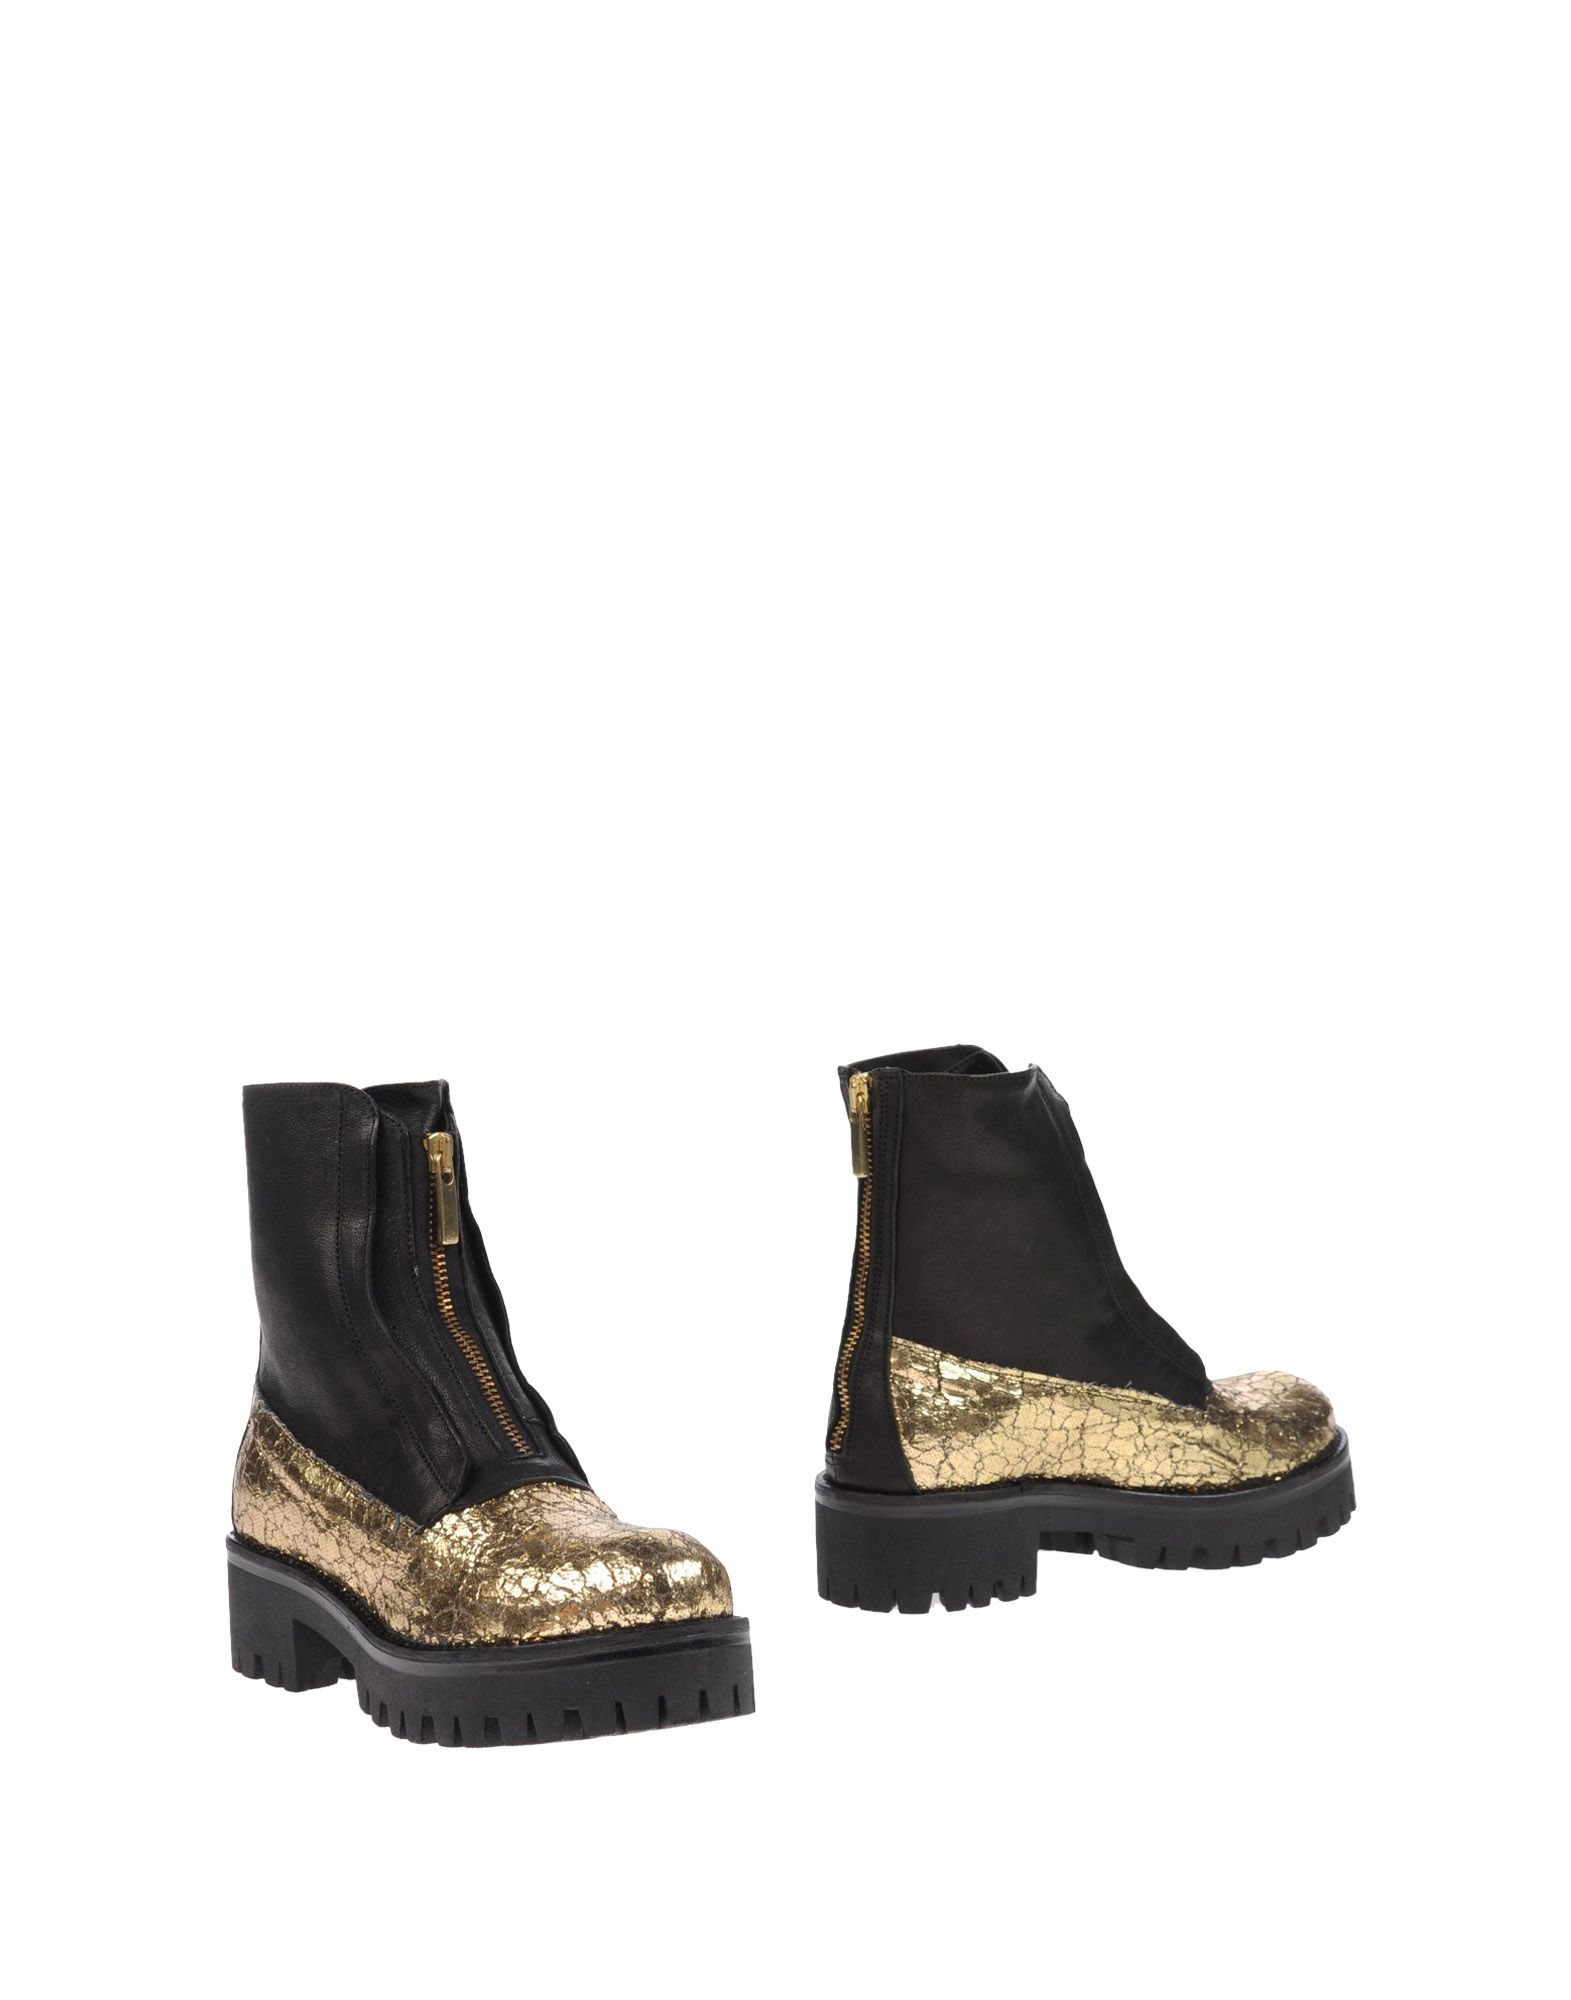 Stilvolle billige Schuhe Damen Tipe E Tacchi Stiefelette Damen Schuhe  11226068IC 55f45b